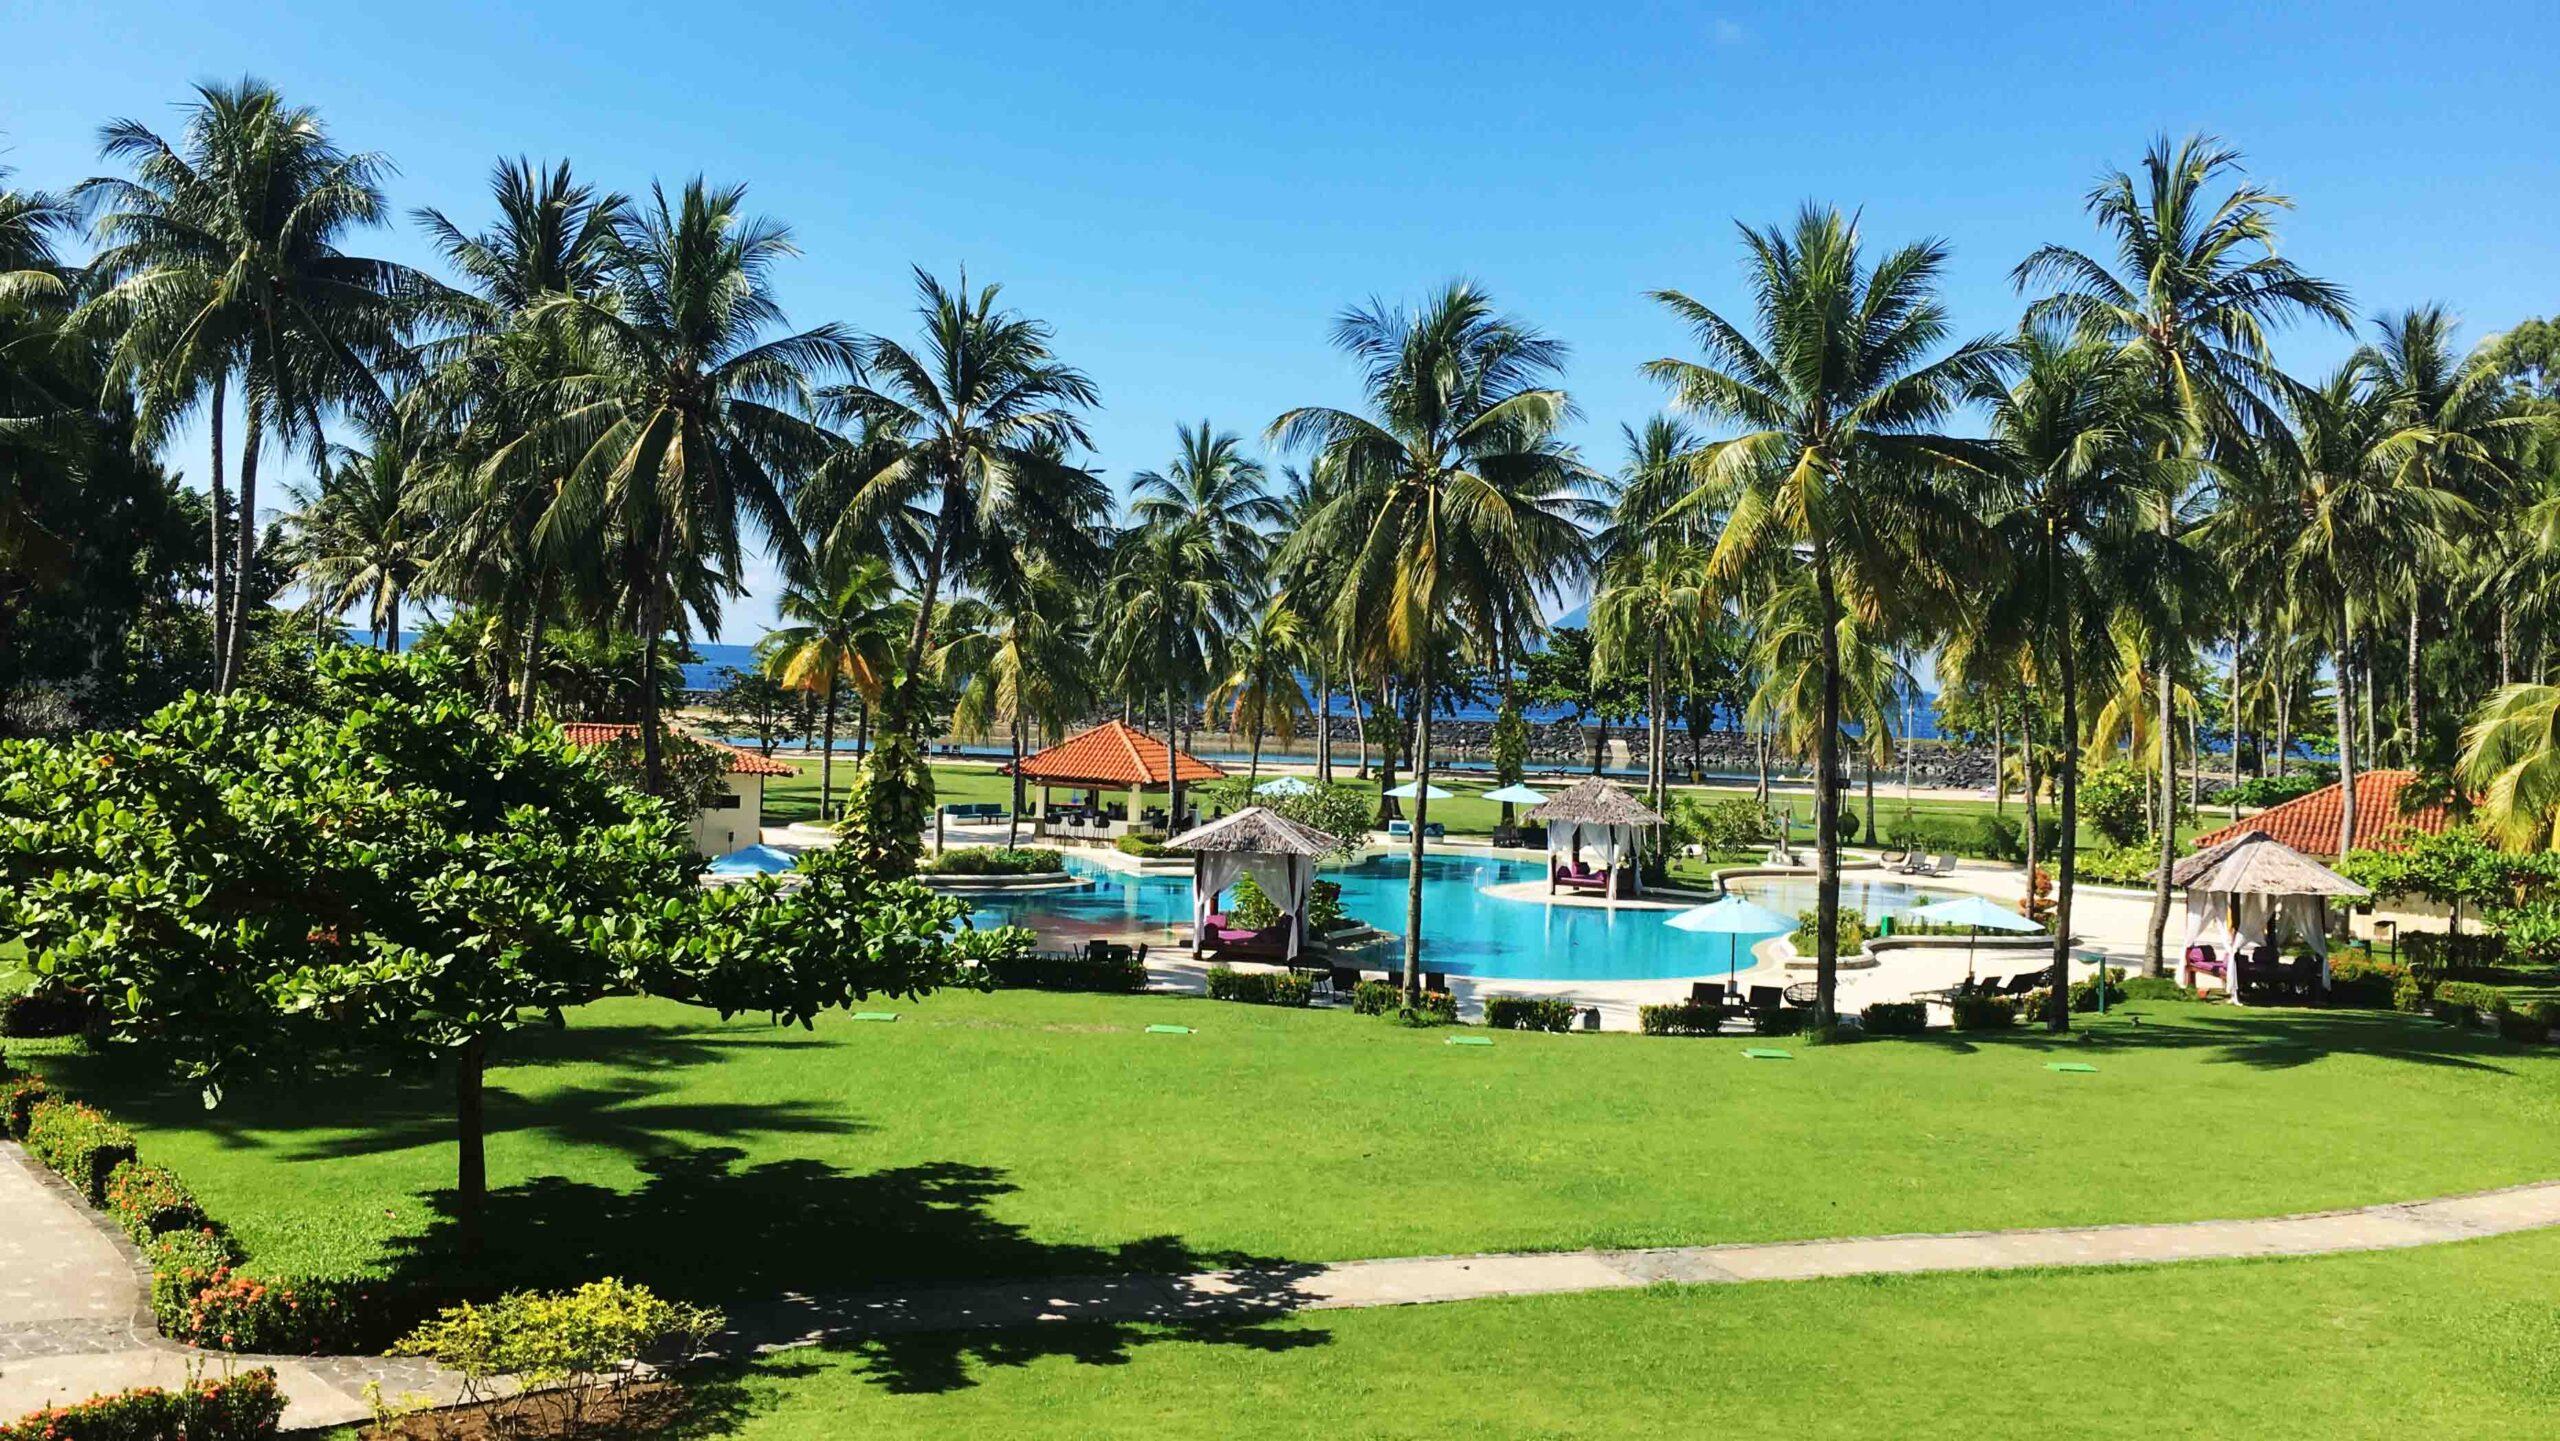 o, sono nella mia junior ocean suite al Mercure Manado Tateli Beach Resort. Affacciato sull'Oceano Pacifico, questo resort sulla spiaggia si trova su un terreno pianeggiante con un giardino lussureggiante e con molte strutture per garantire una vacanza indimenticabile tra cui una grande piscina e, naturalmente, il centro immersioni: Eco Divers Manado